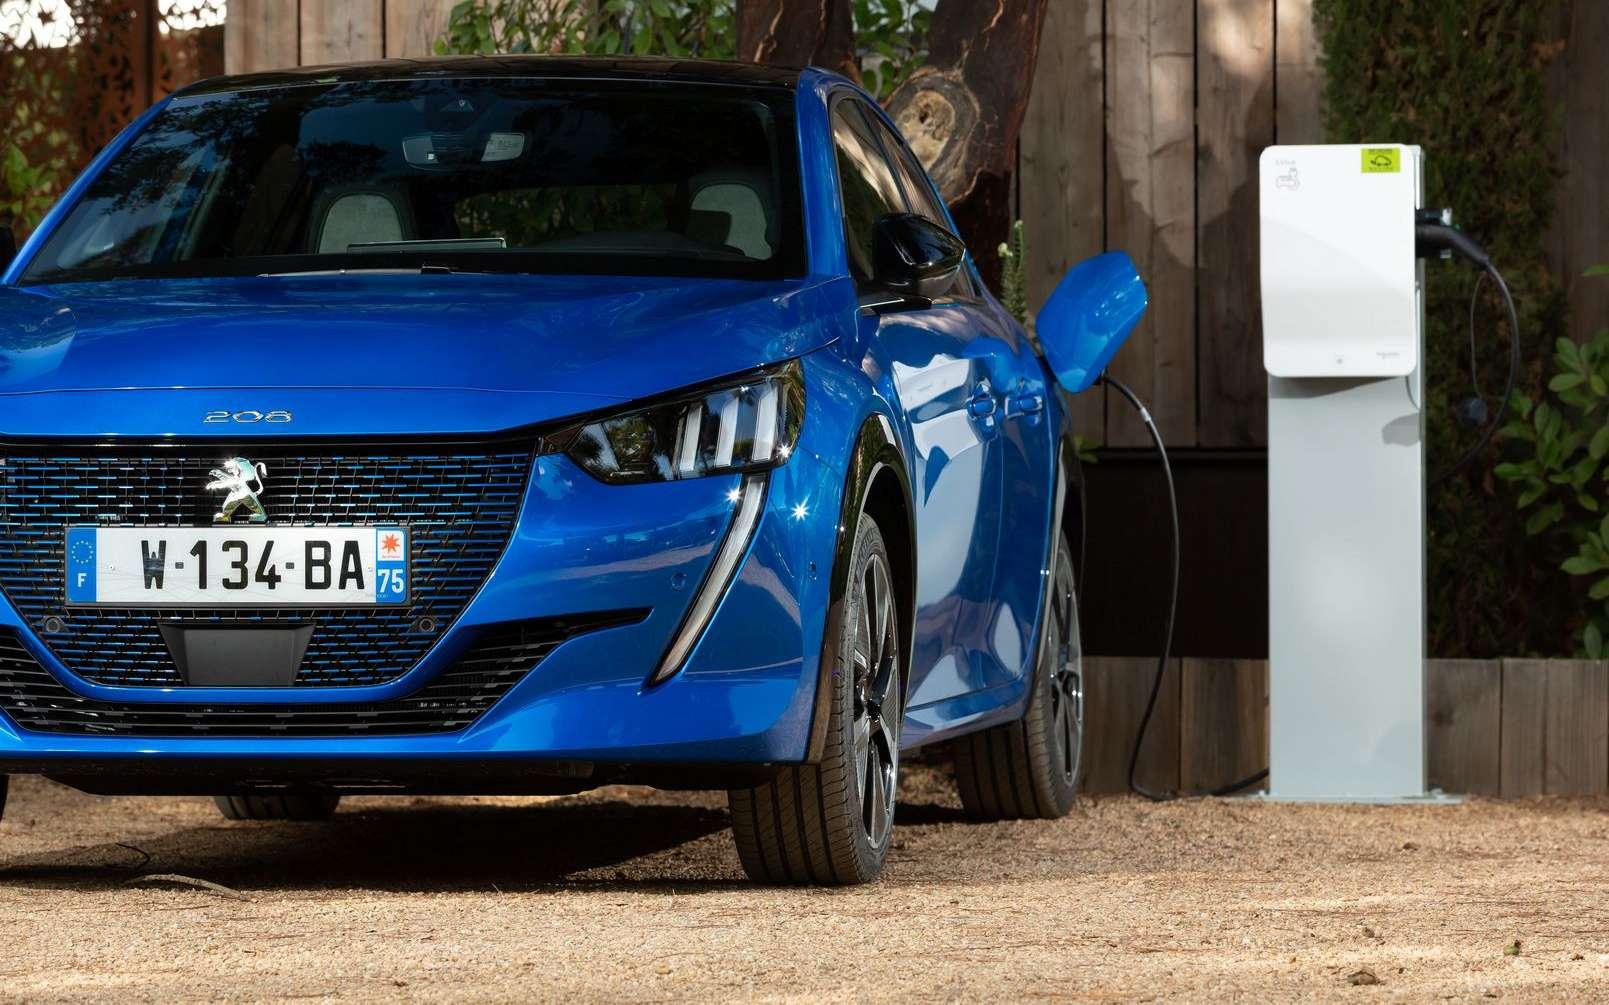 La Peugeot e-208 confirme son statut de voiture électrique favorite en France, mais Renault Zoe n'a pas dit son dernier mot. © Peugeot